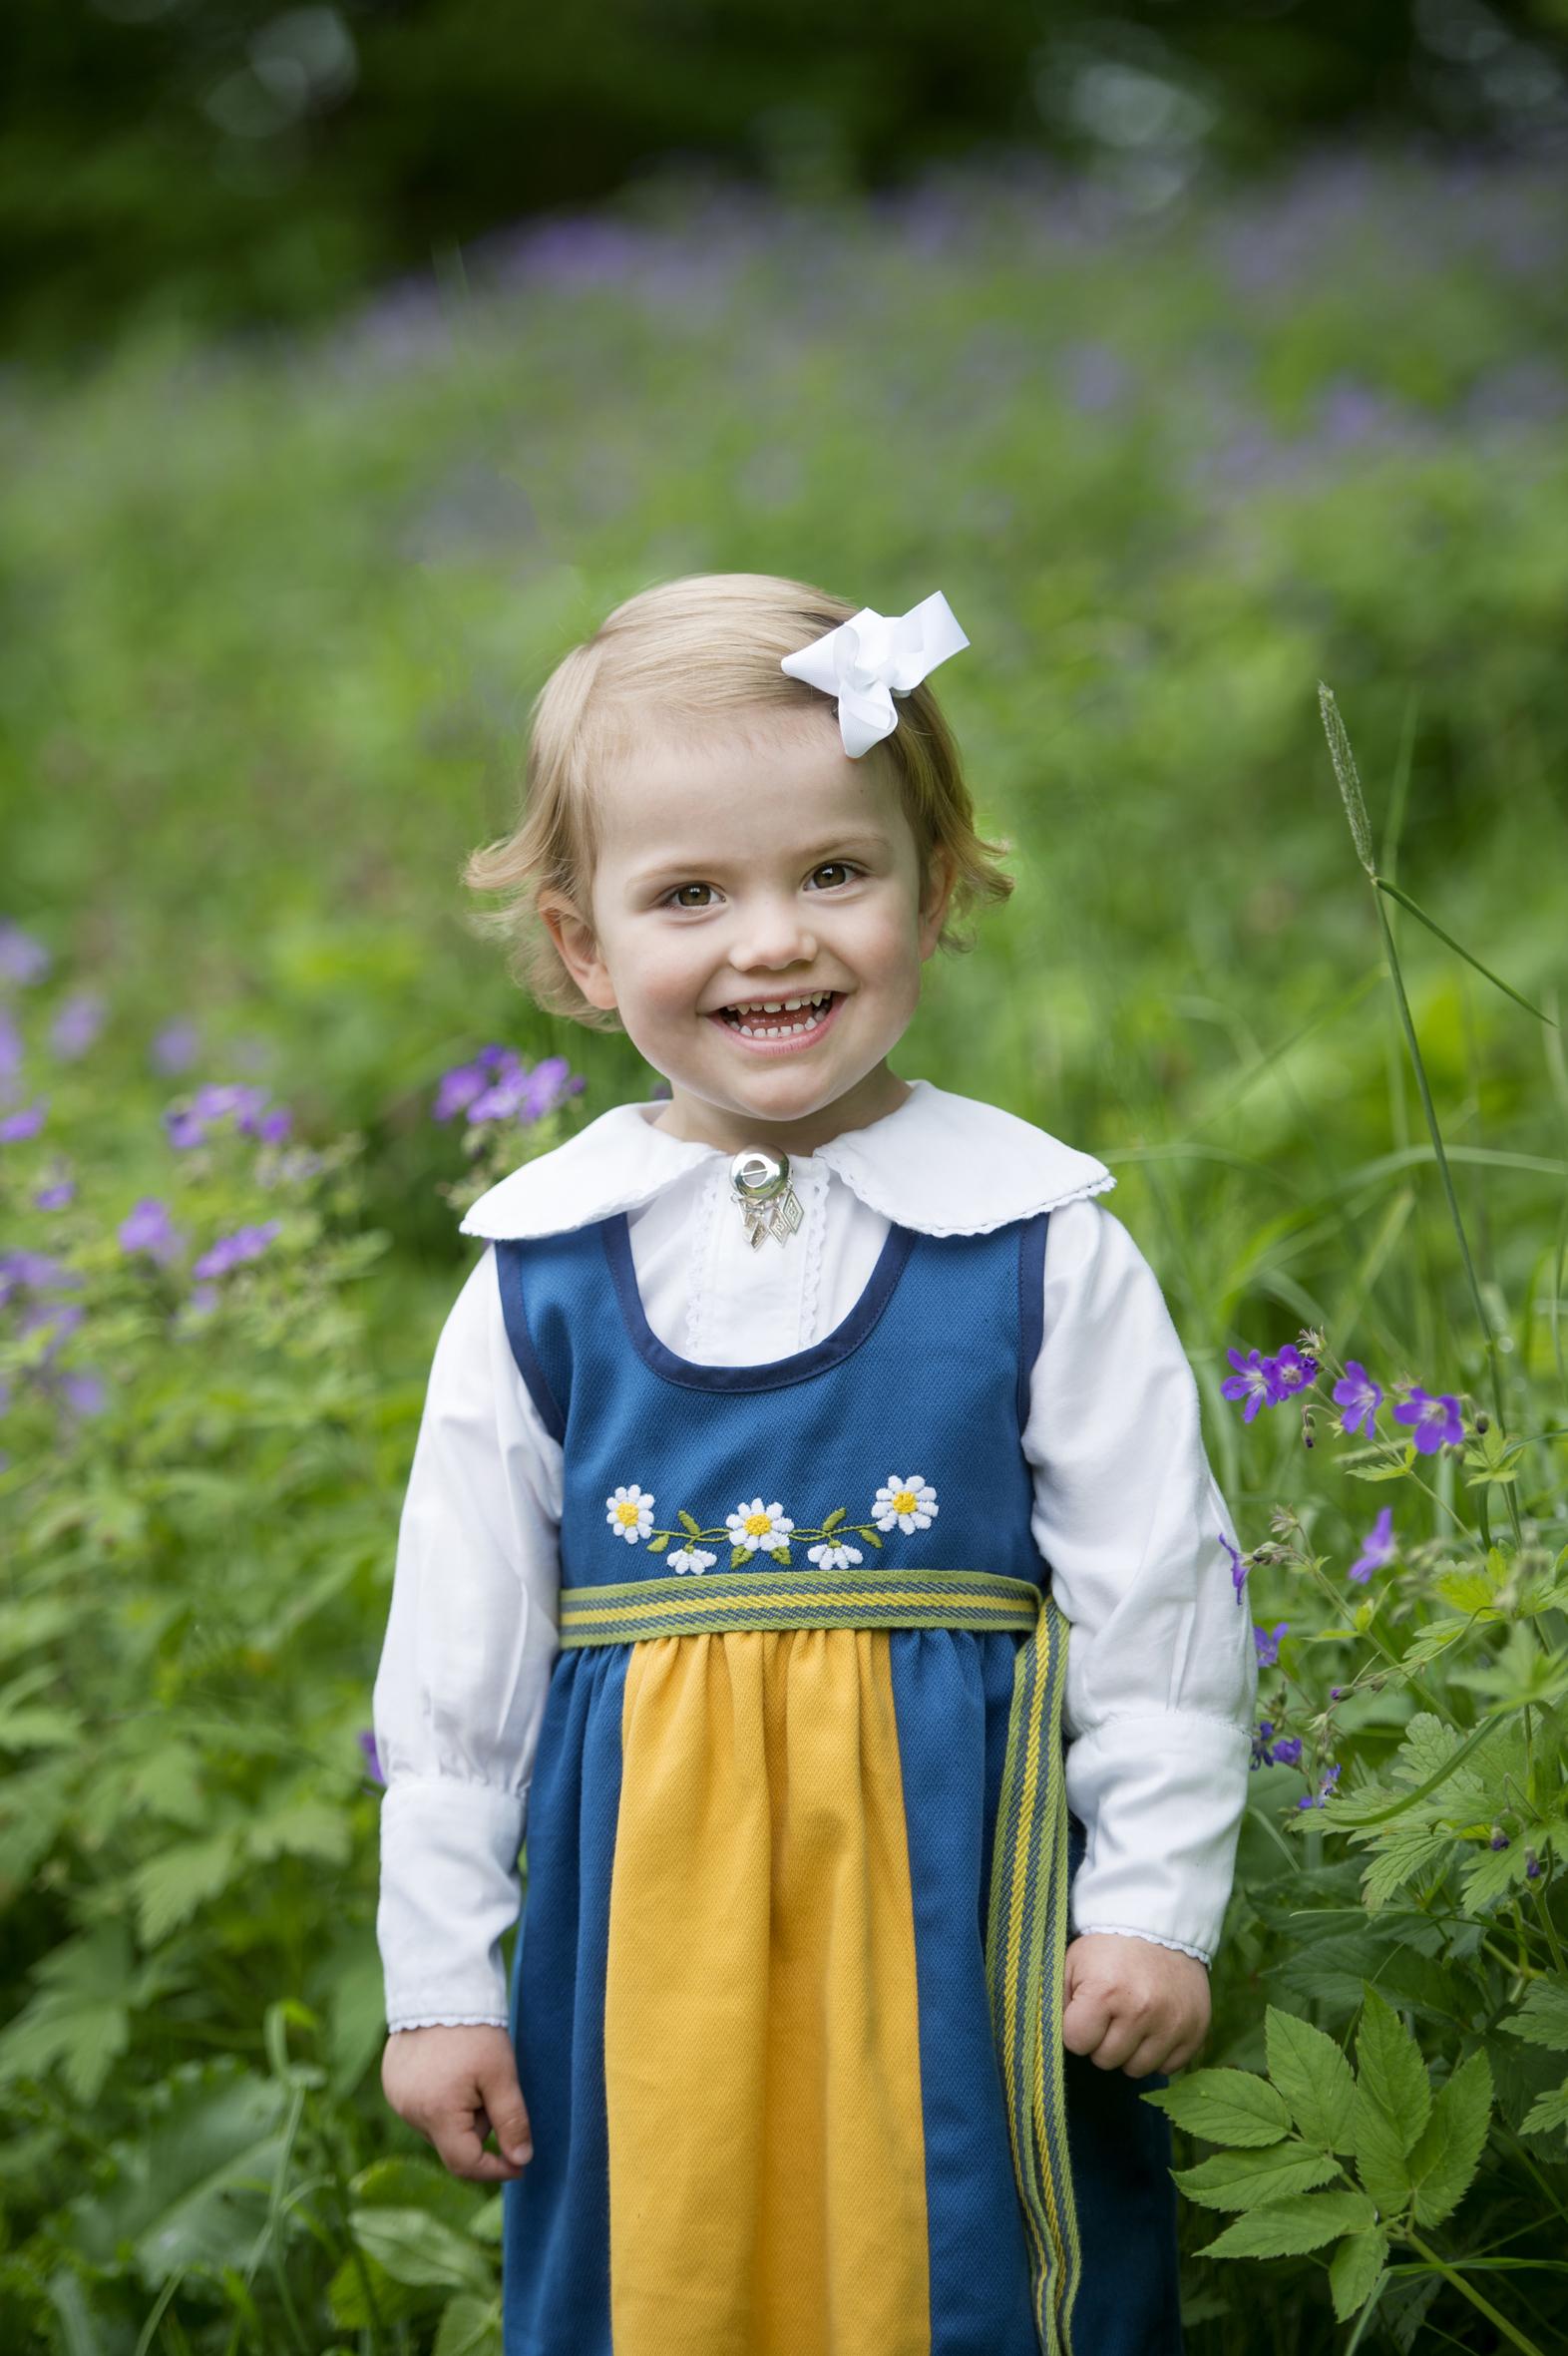 """2014: Inzwischen ist Estelle längst zu Schwedens Liebling avanciert. Ihr Vater Prinz Daniel nennt sie """"kleiner Magnet"""", weil sie die Menschen regelrecht anzieht.  © Erika Gerdemark, Kungahuset.se"""